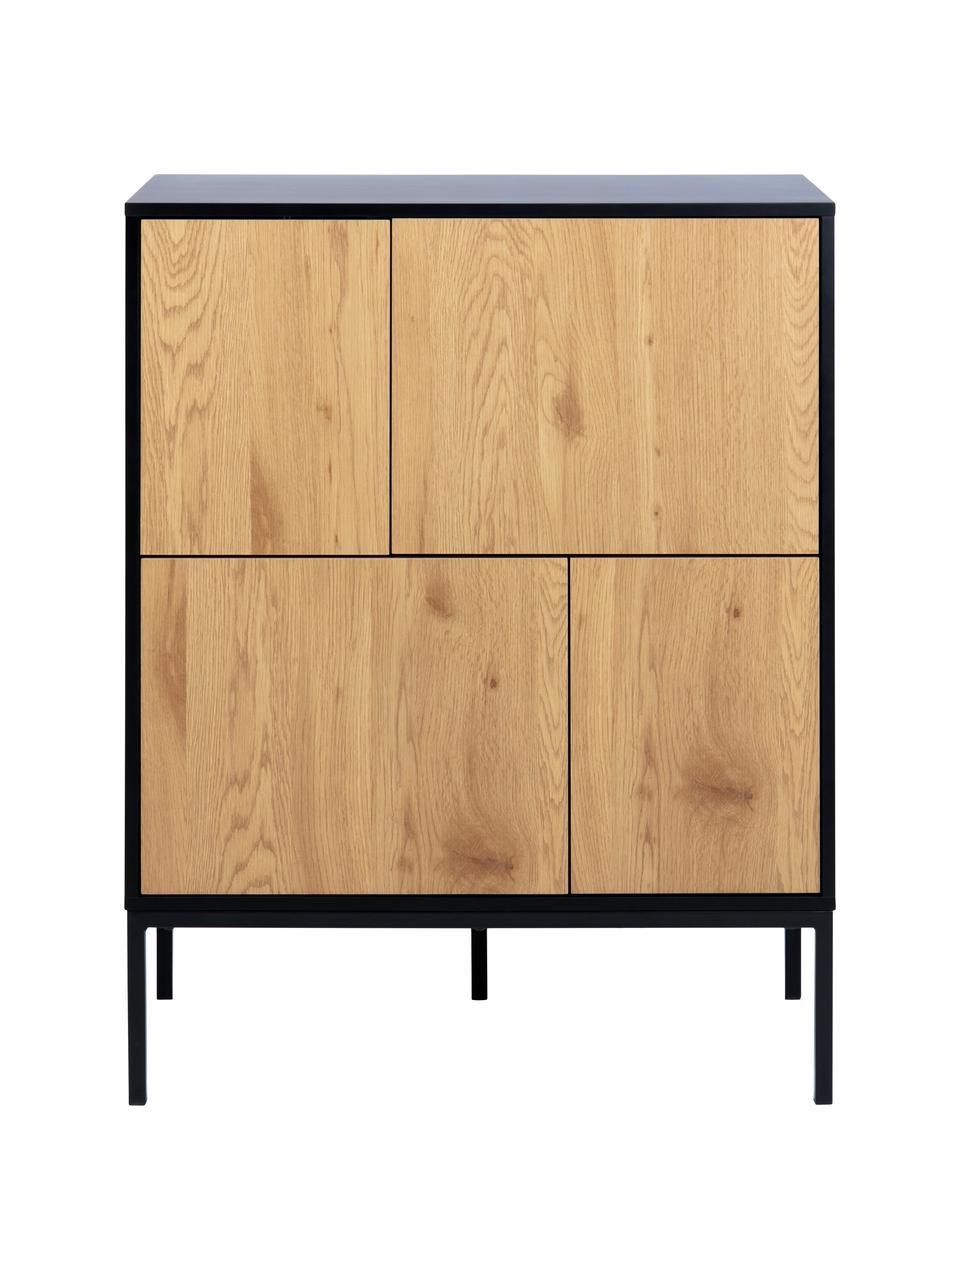 Credenza in legno e metallo Seaford, Piedini: metallo verniciato a polv, Nero, quercia selvatica, Larg. 80 x Alt. 103 cm